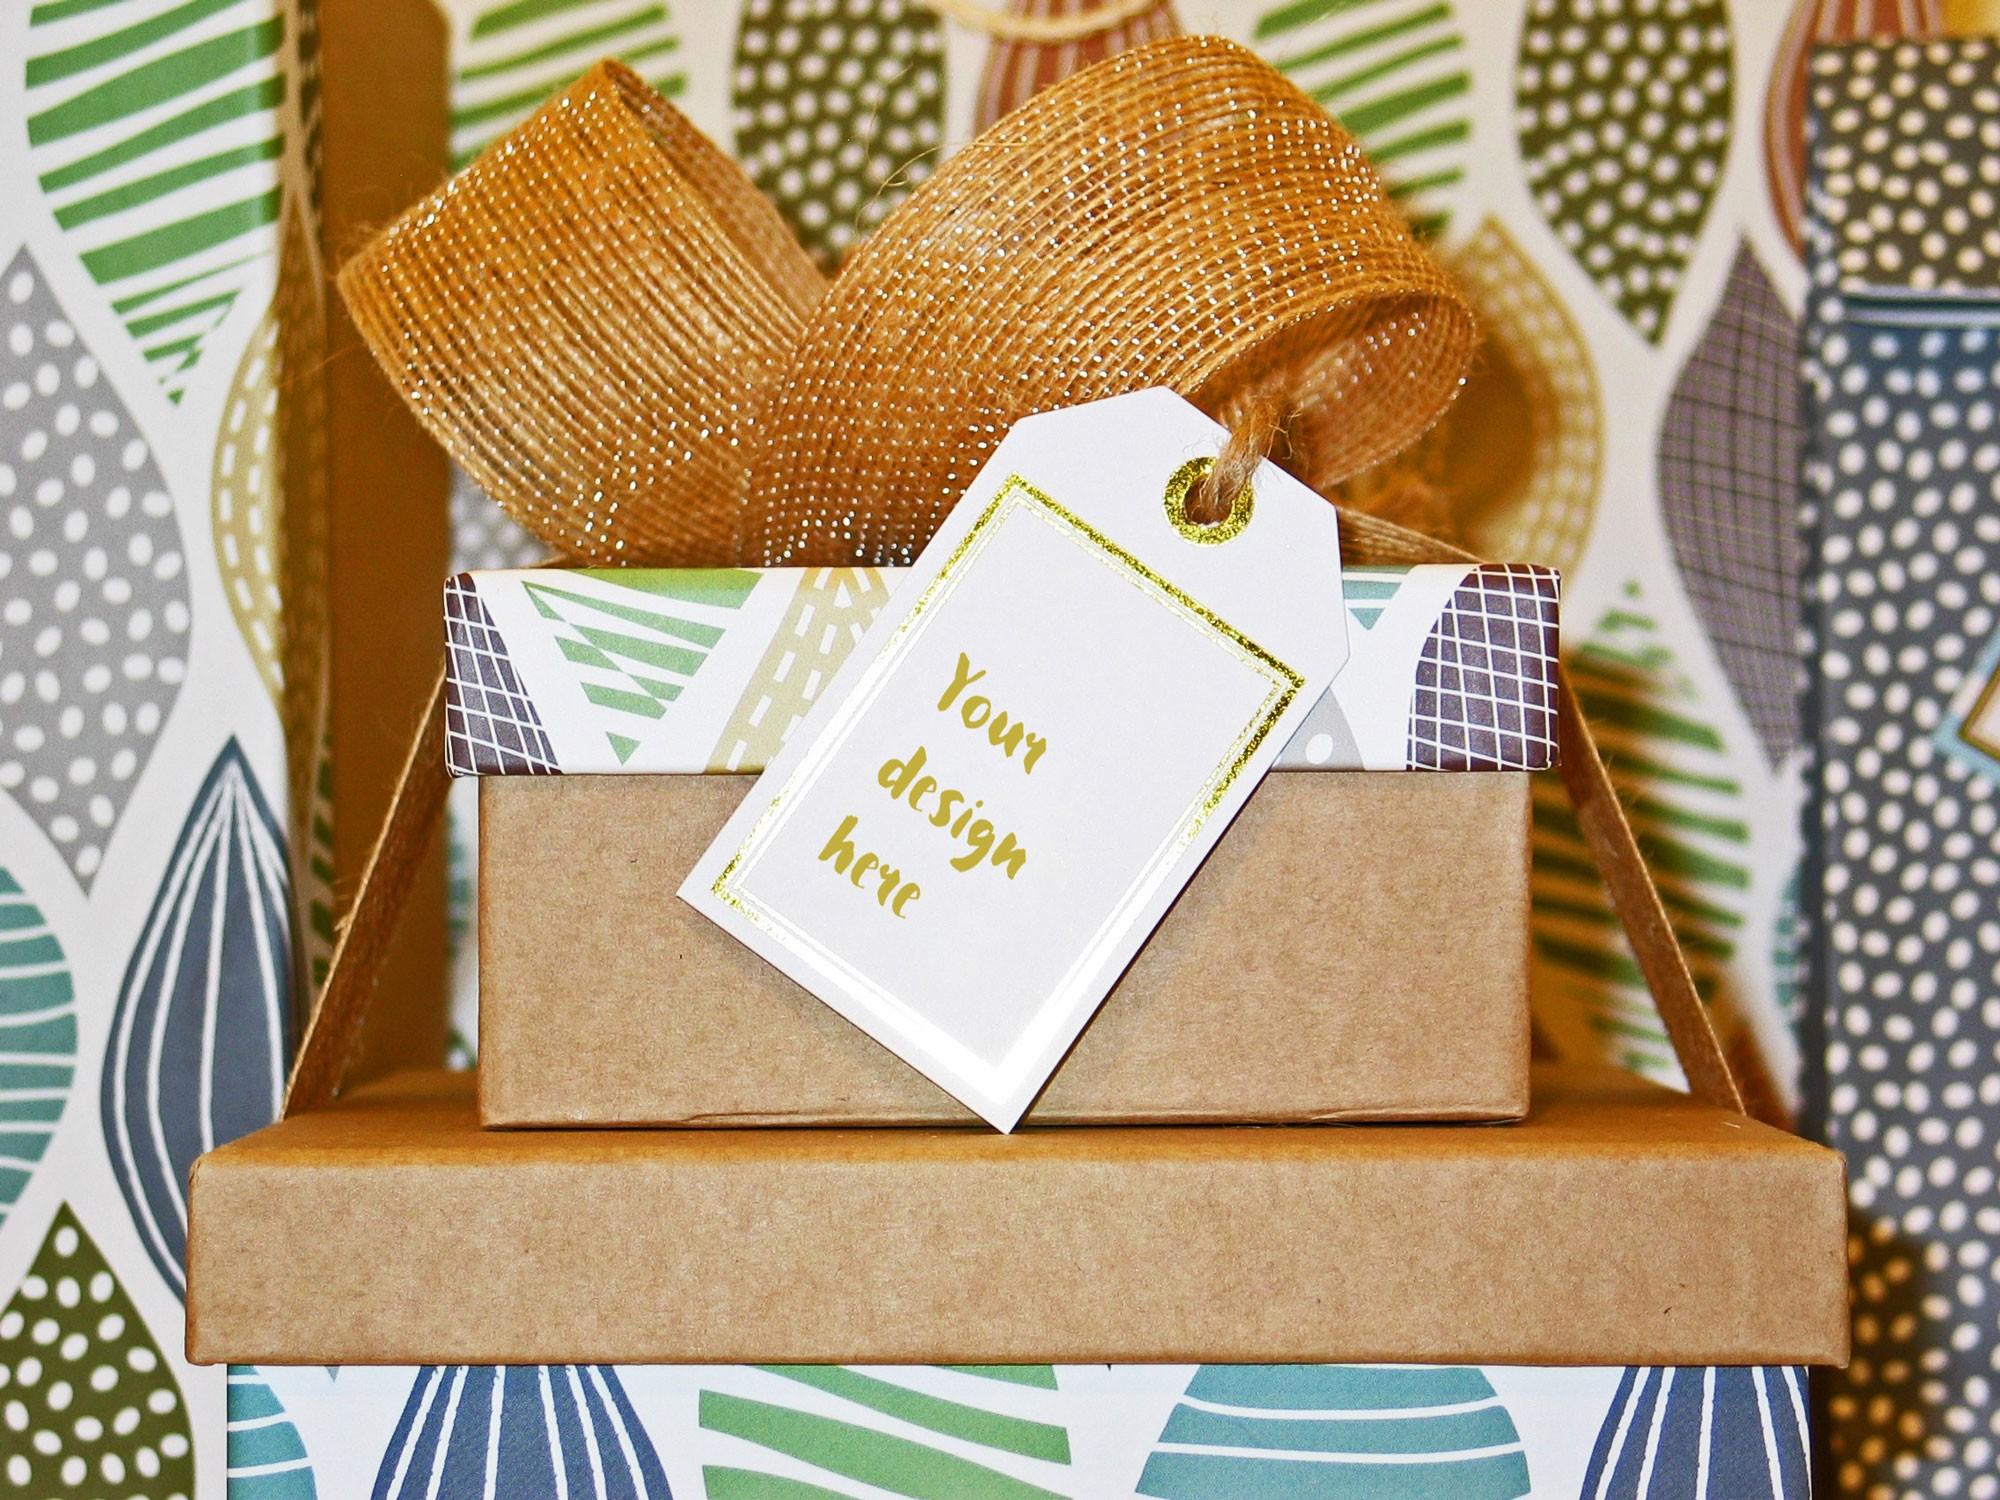 Gift Bow Box Card Mockup